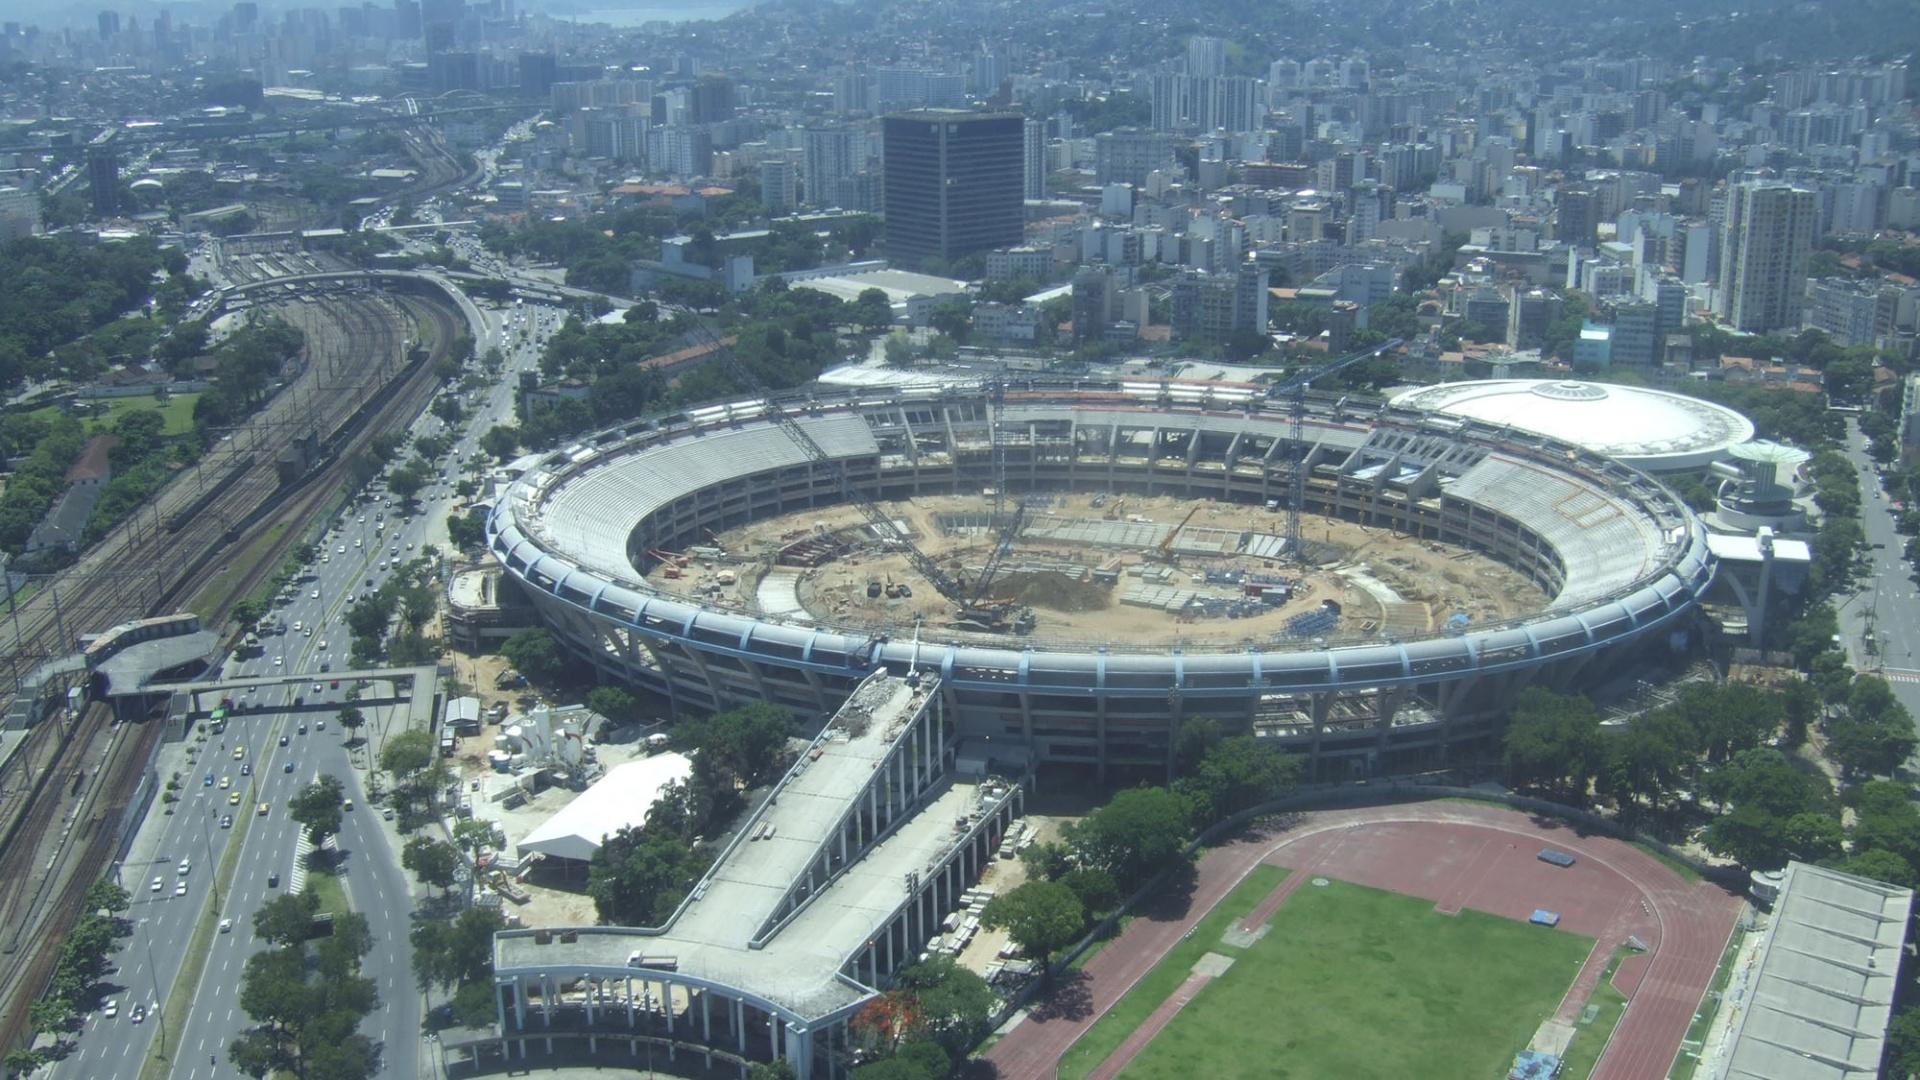 Imagem aérea das obras no Maracanã